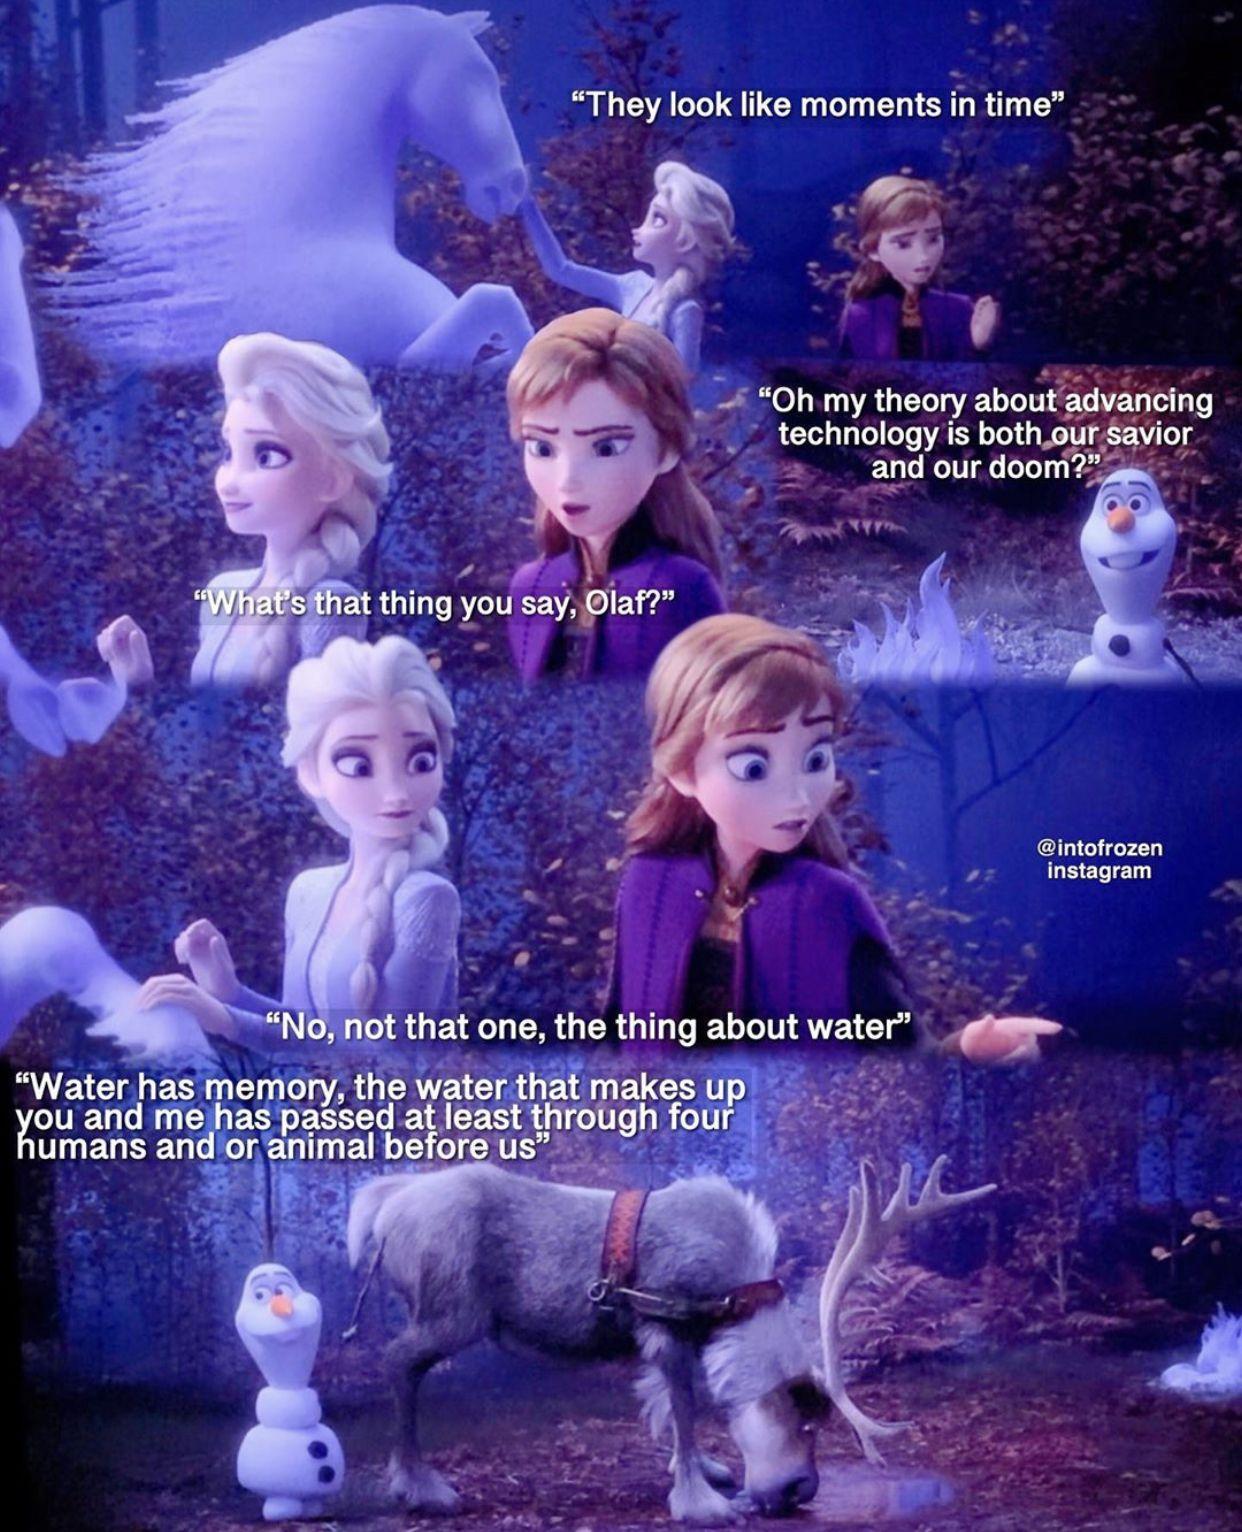 Frozen 2 in 2020 | Frozen disney movie, Frozen memes ...